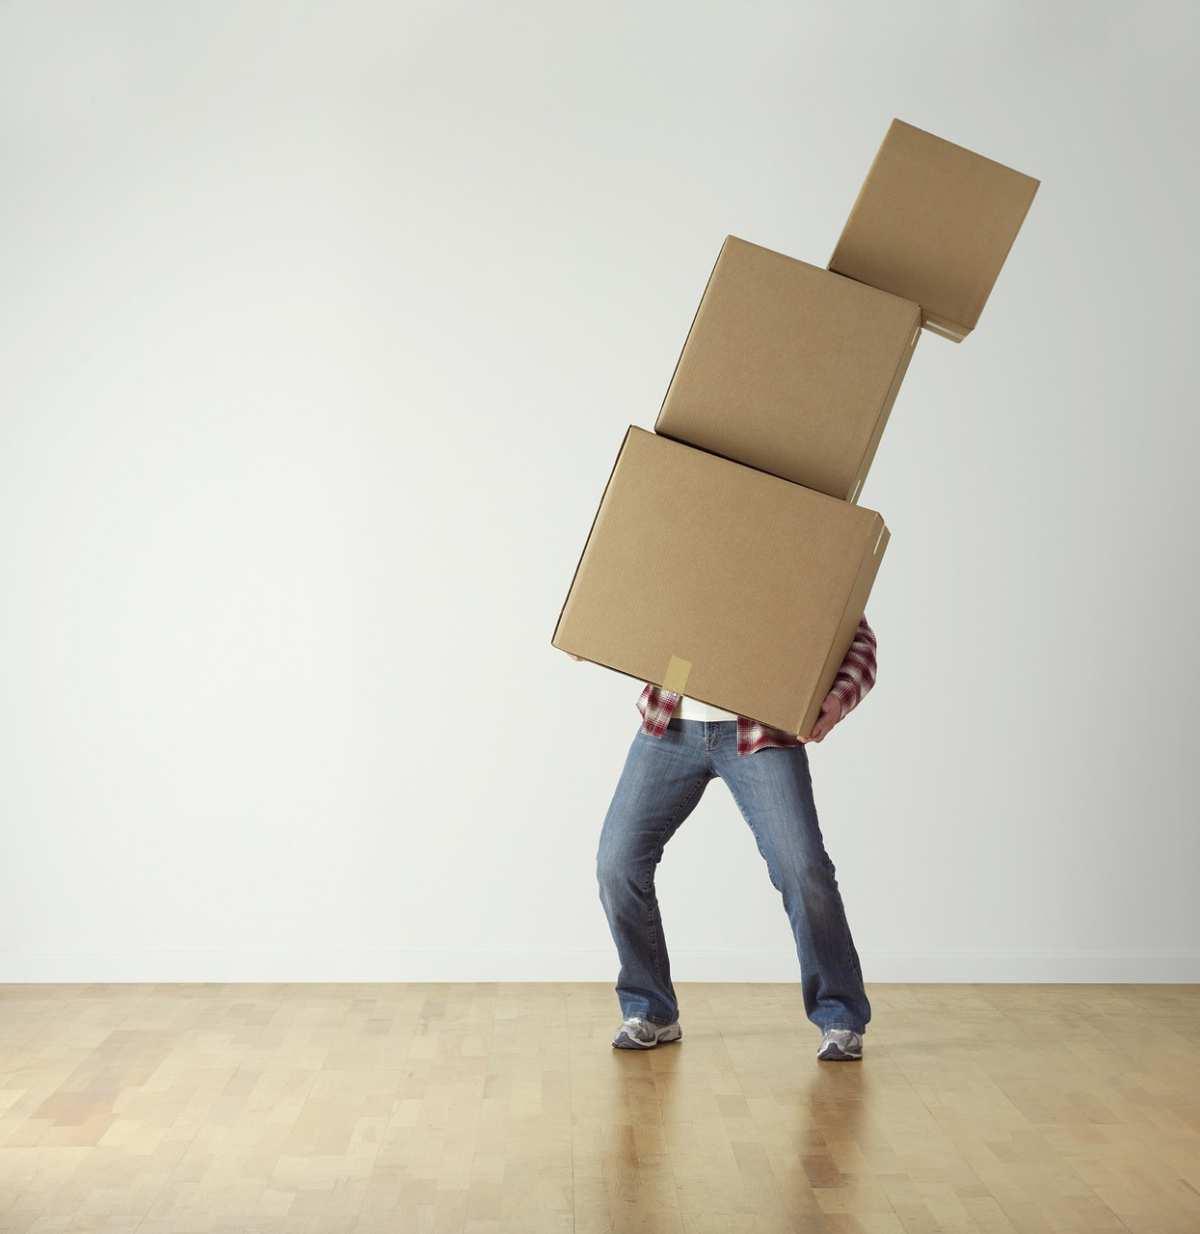 image Utiliser un garde meuble lors d'un déménagement.